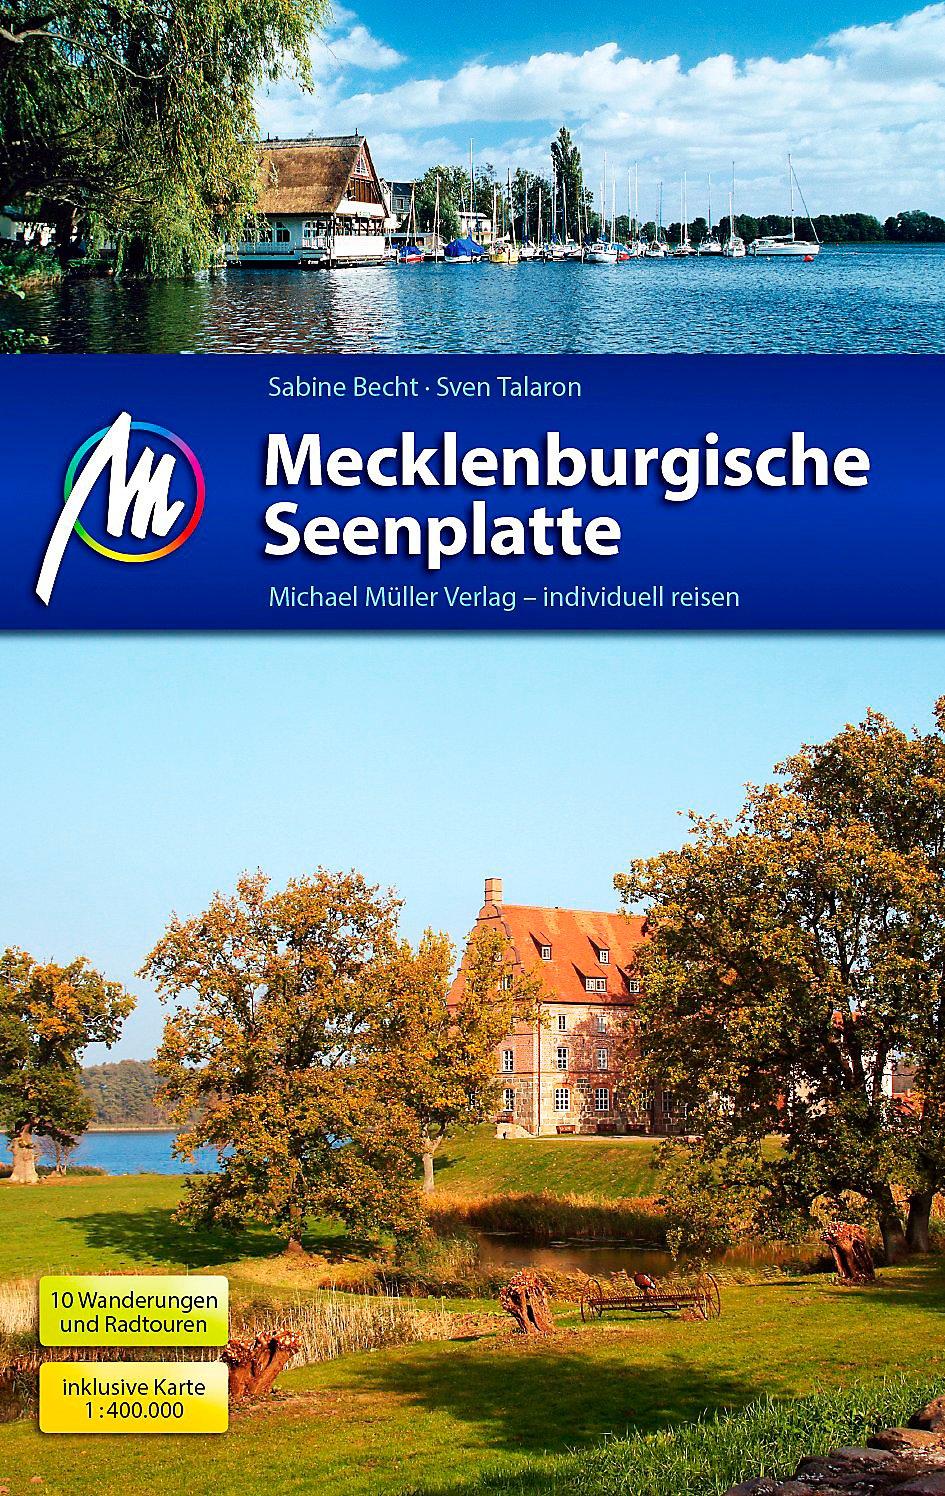 Mecklenburgische Seenplatte Karte Pdf.Mecklenburgische Seenplatte Mit Karte Buch Weltbild De